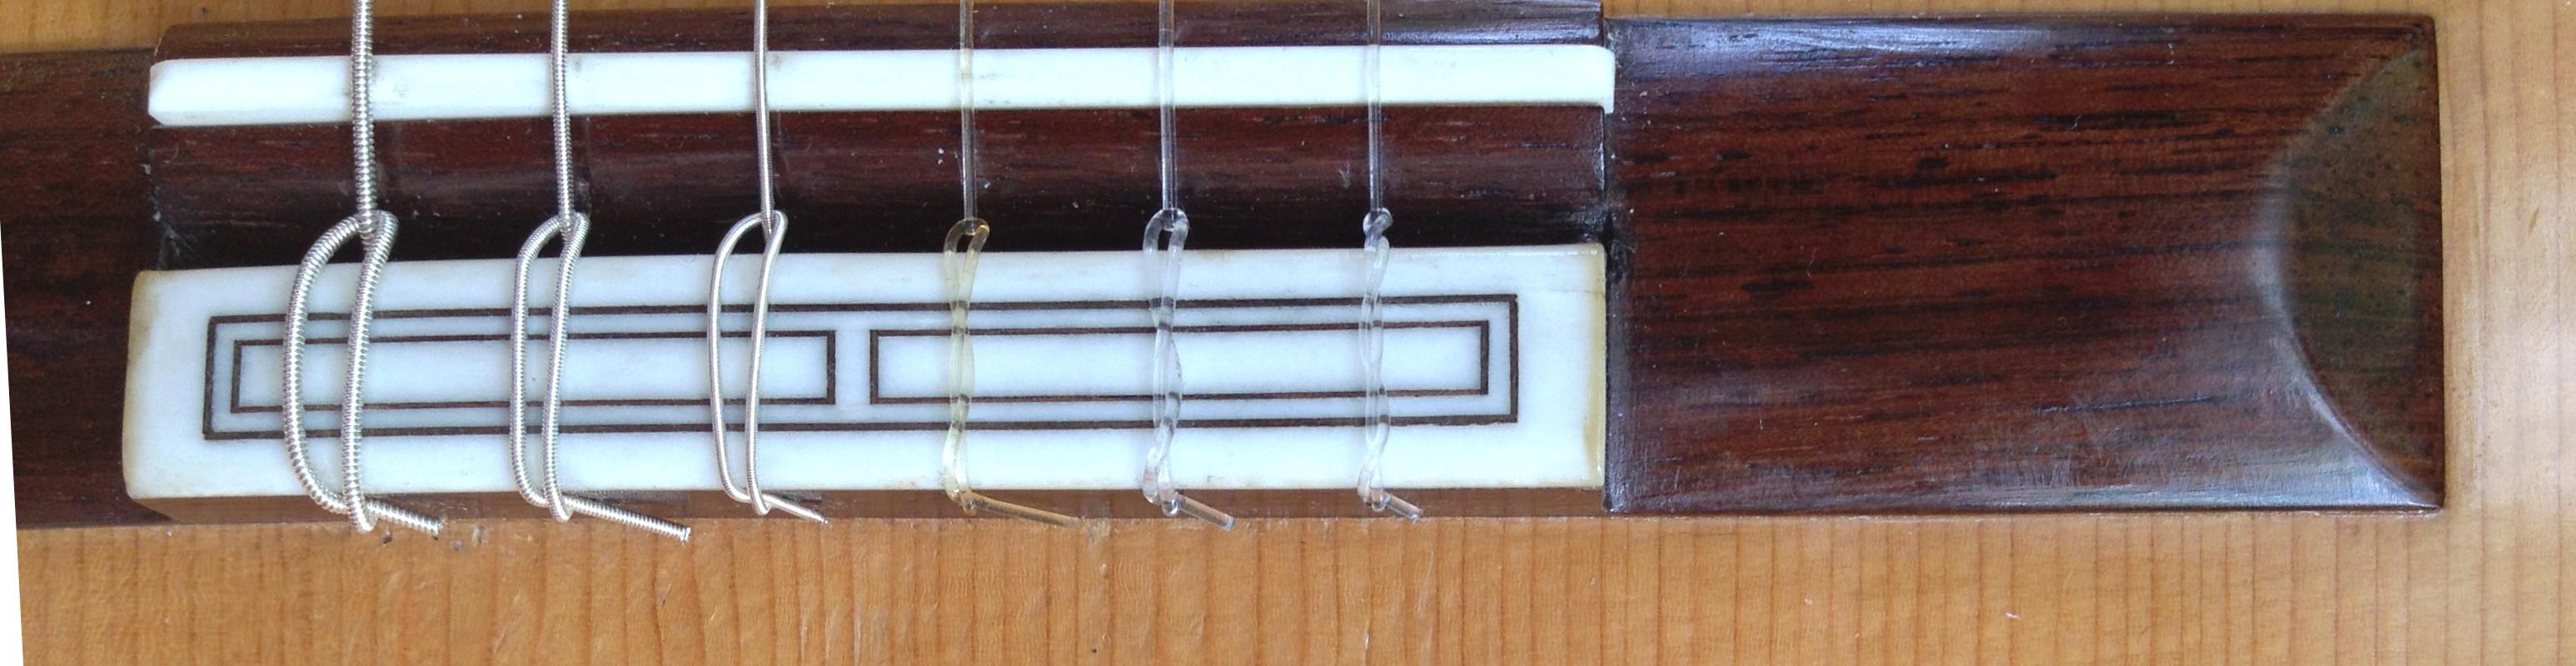 gitarre problemzone steg b blingen gitarre blog. Black Bedroom Furniture Sets. Home Design Ideas